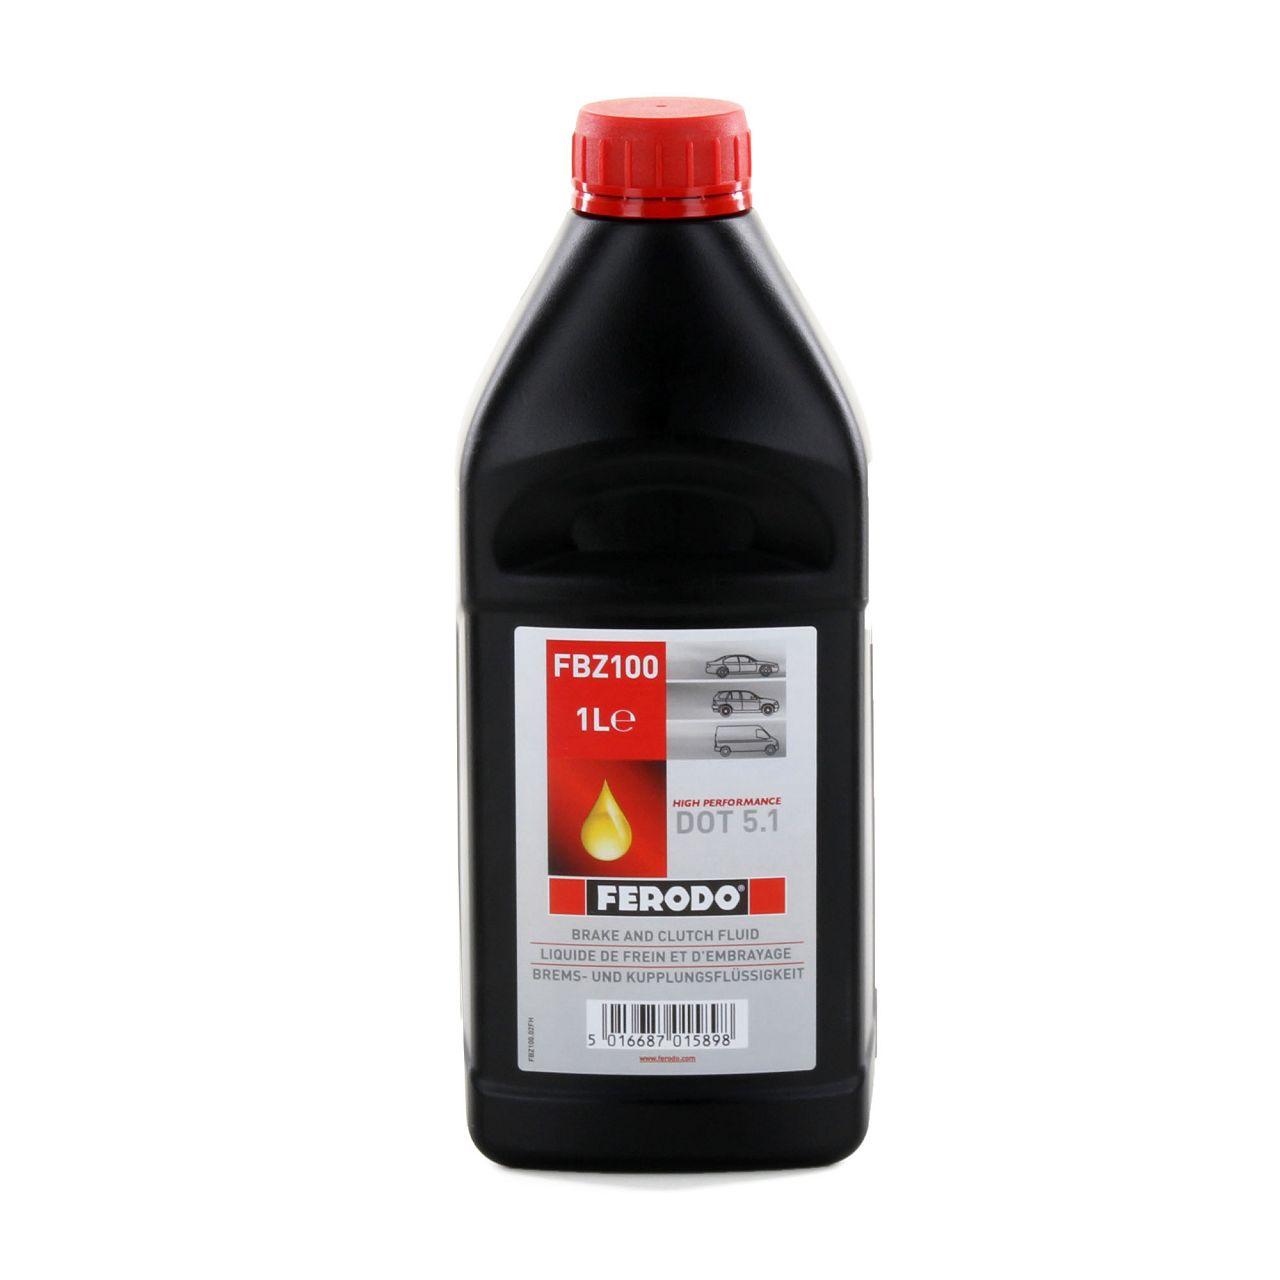 2x 1L 1 Liter FERODO FBZ100 Bremsflüssigkeit Kupplungsflüssigkeit DOT 5.1